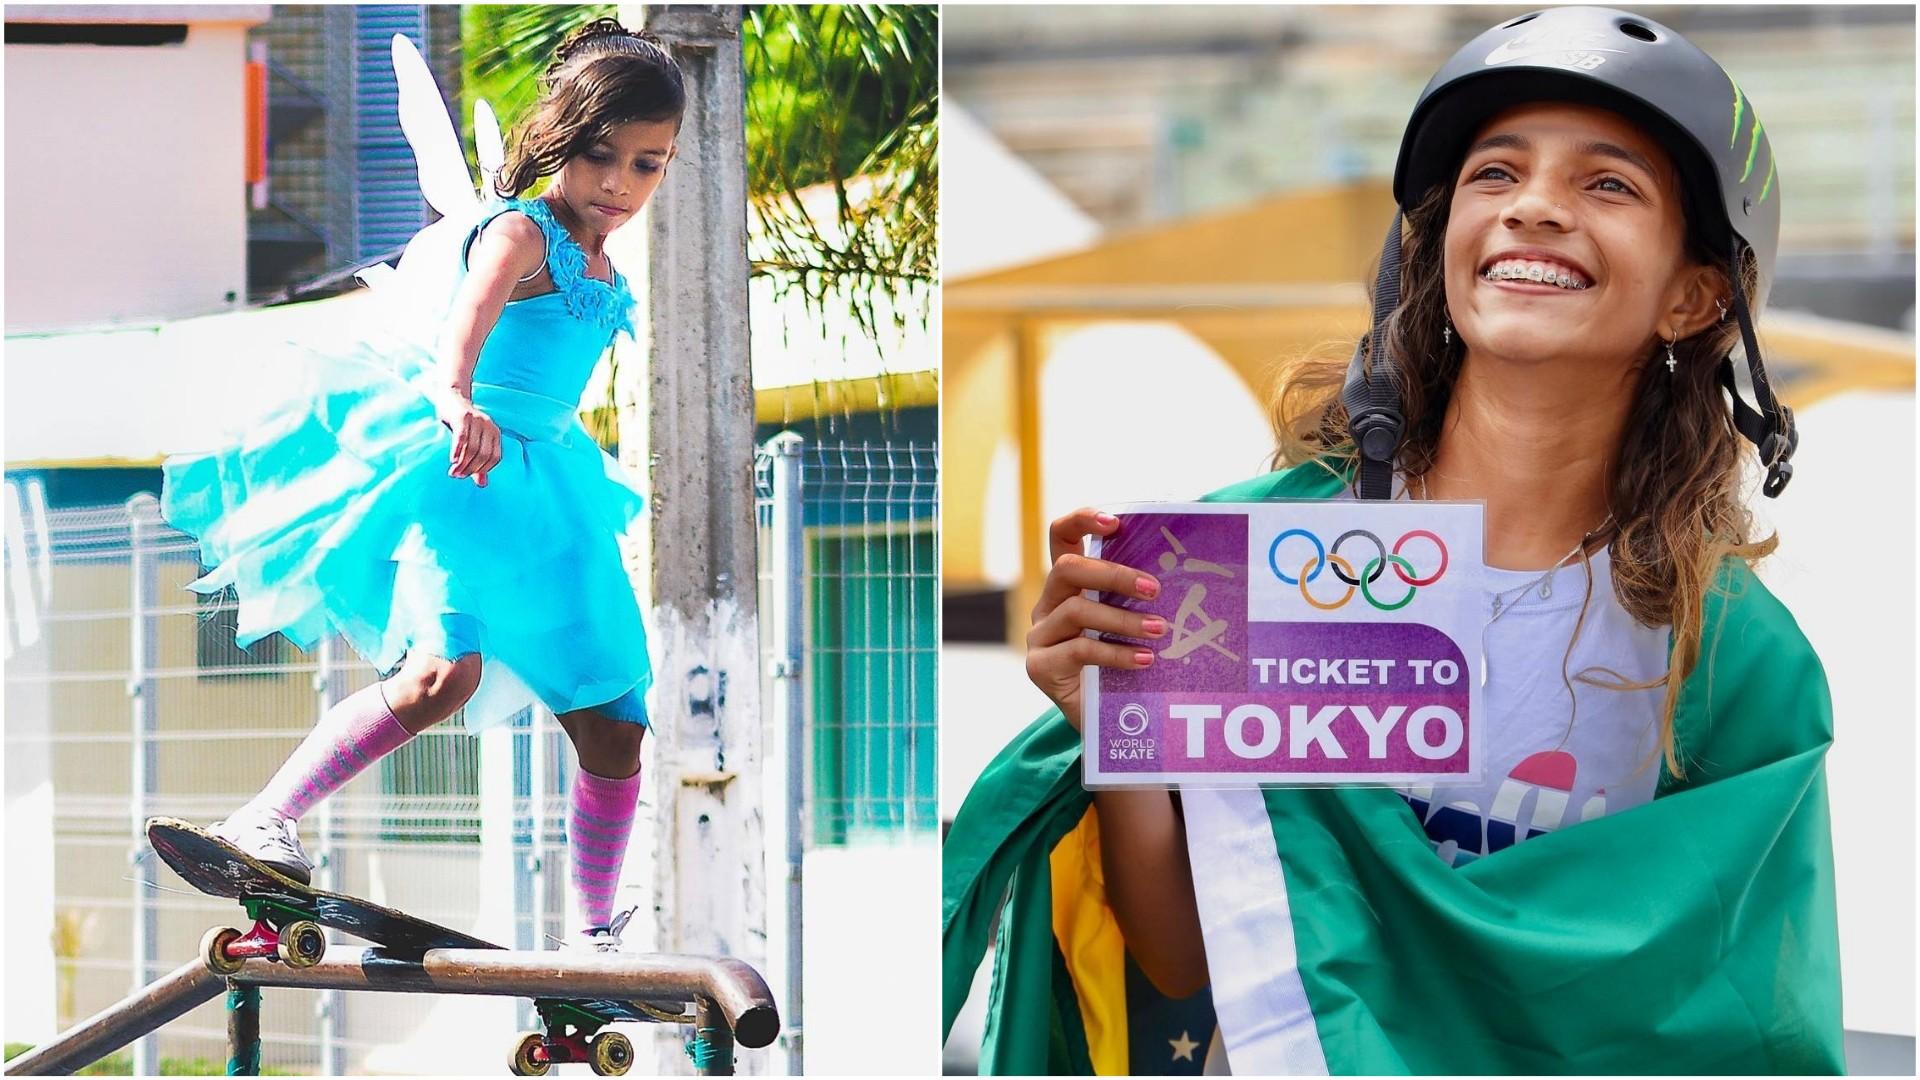 De fadinha às Olimpíadas: A trajetória de Rayssa Leal, a sensação brasileira no skate